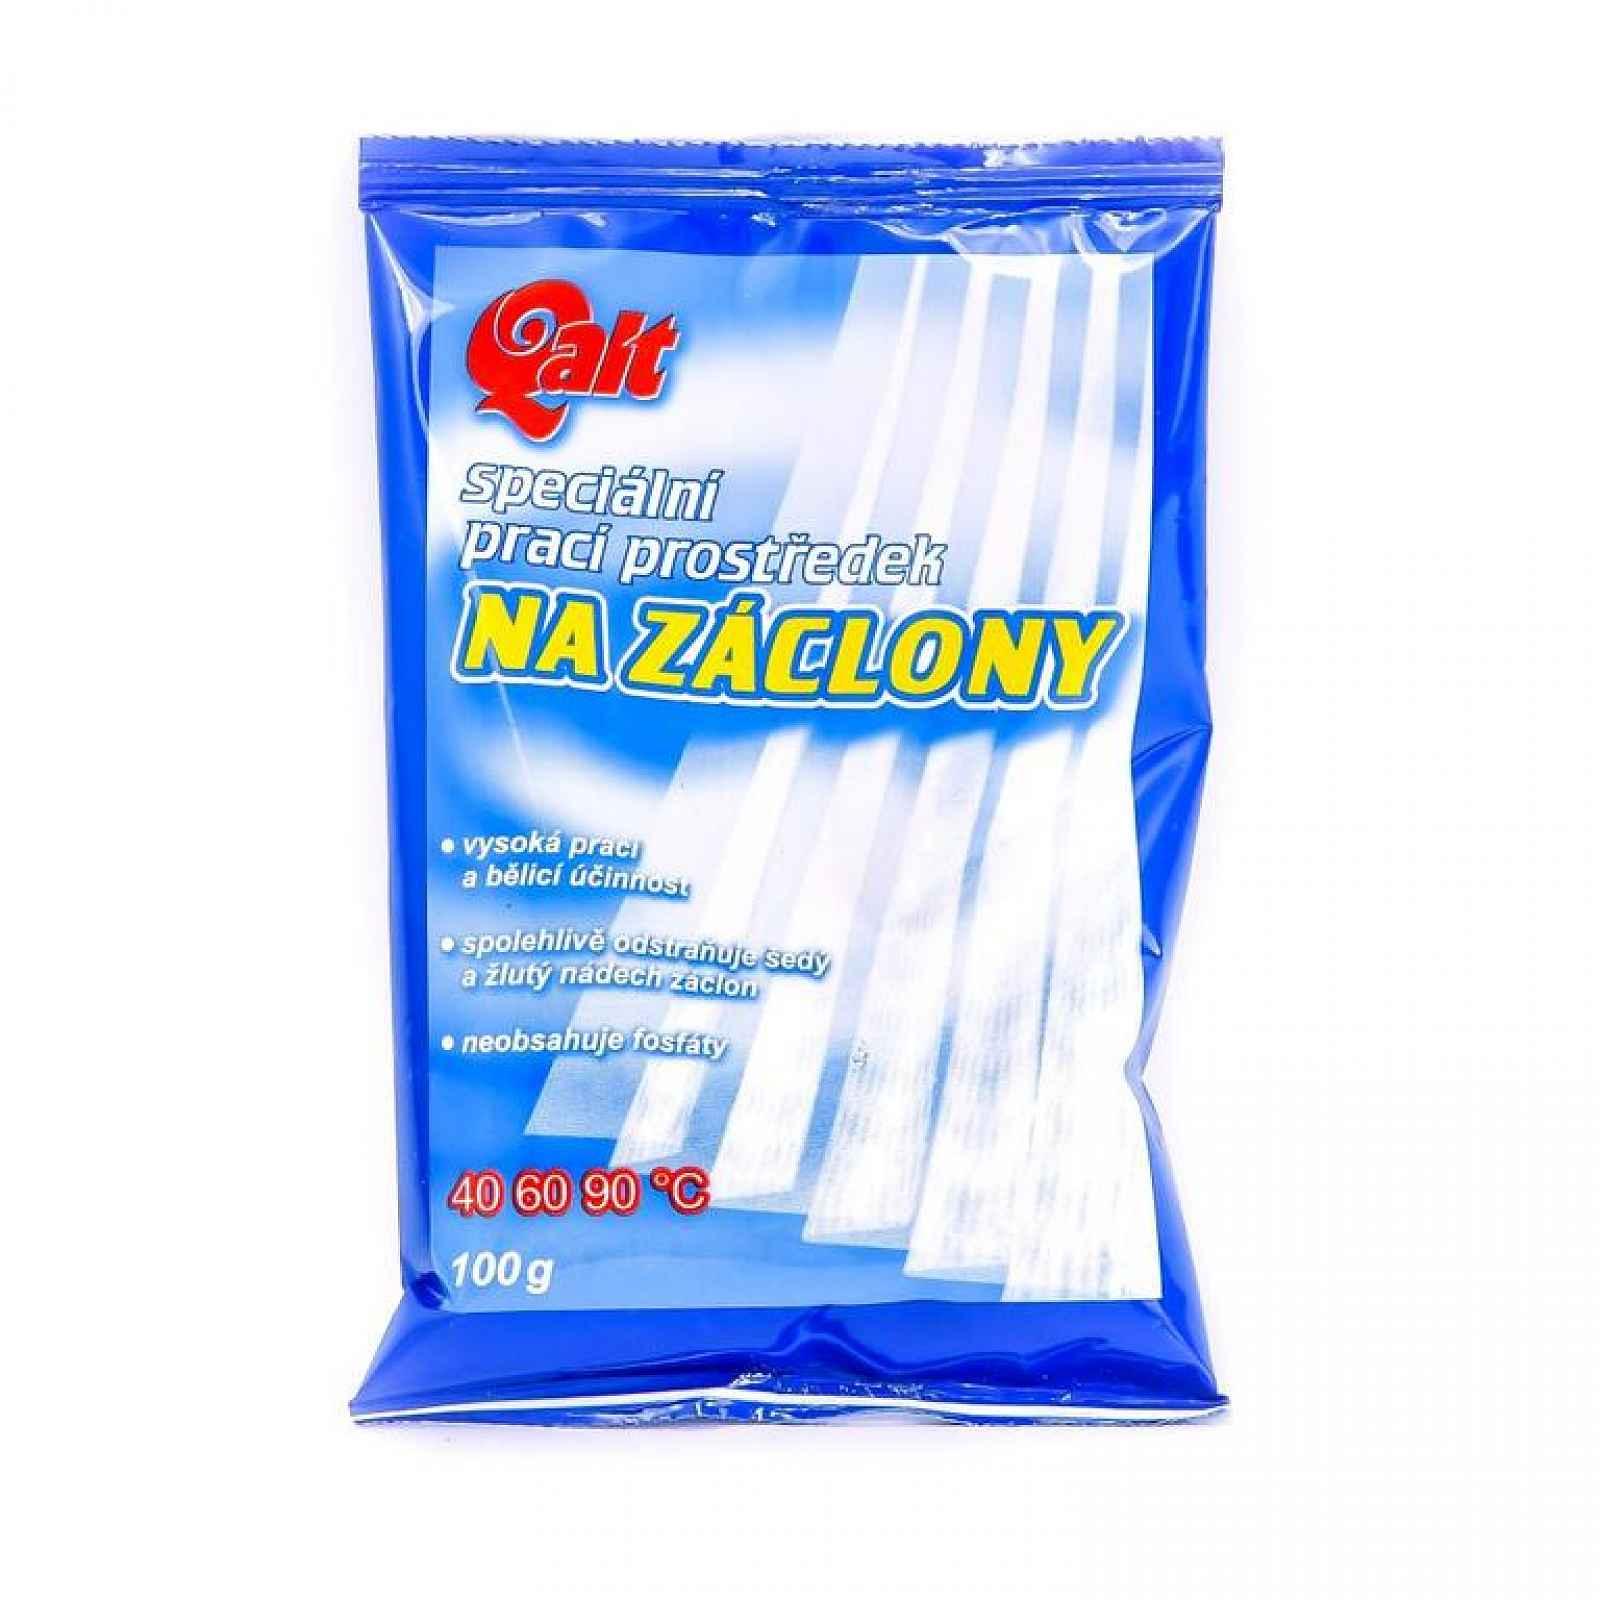 Qalt na záclony pro praní a bělení 100 g